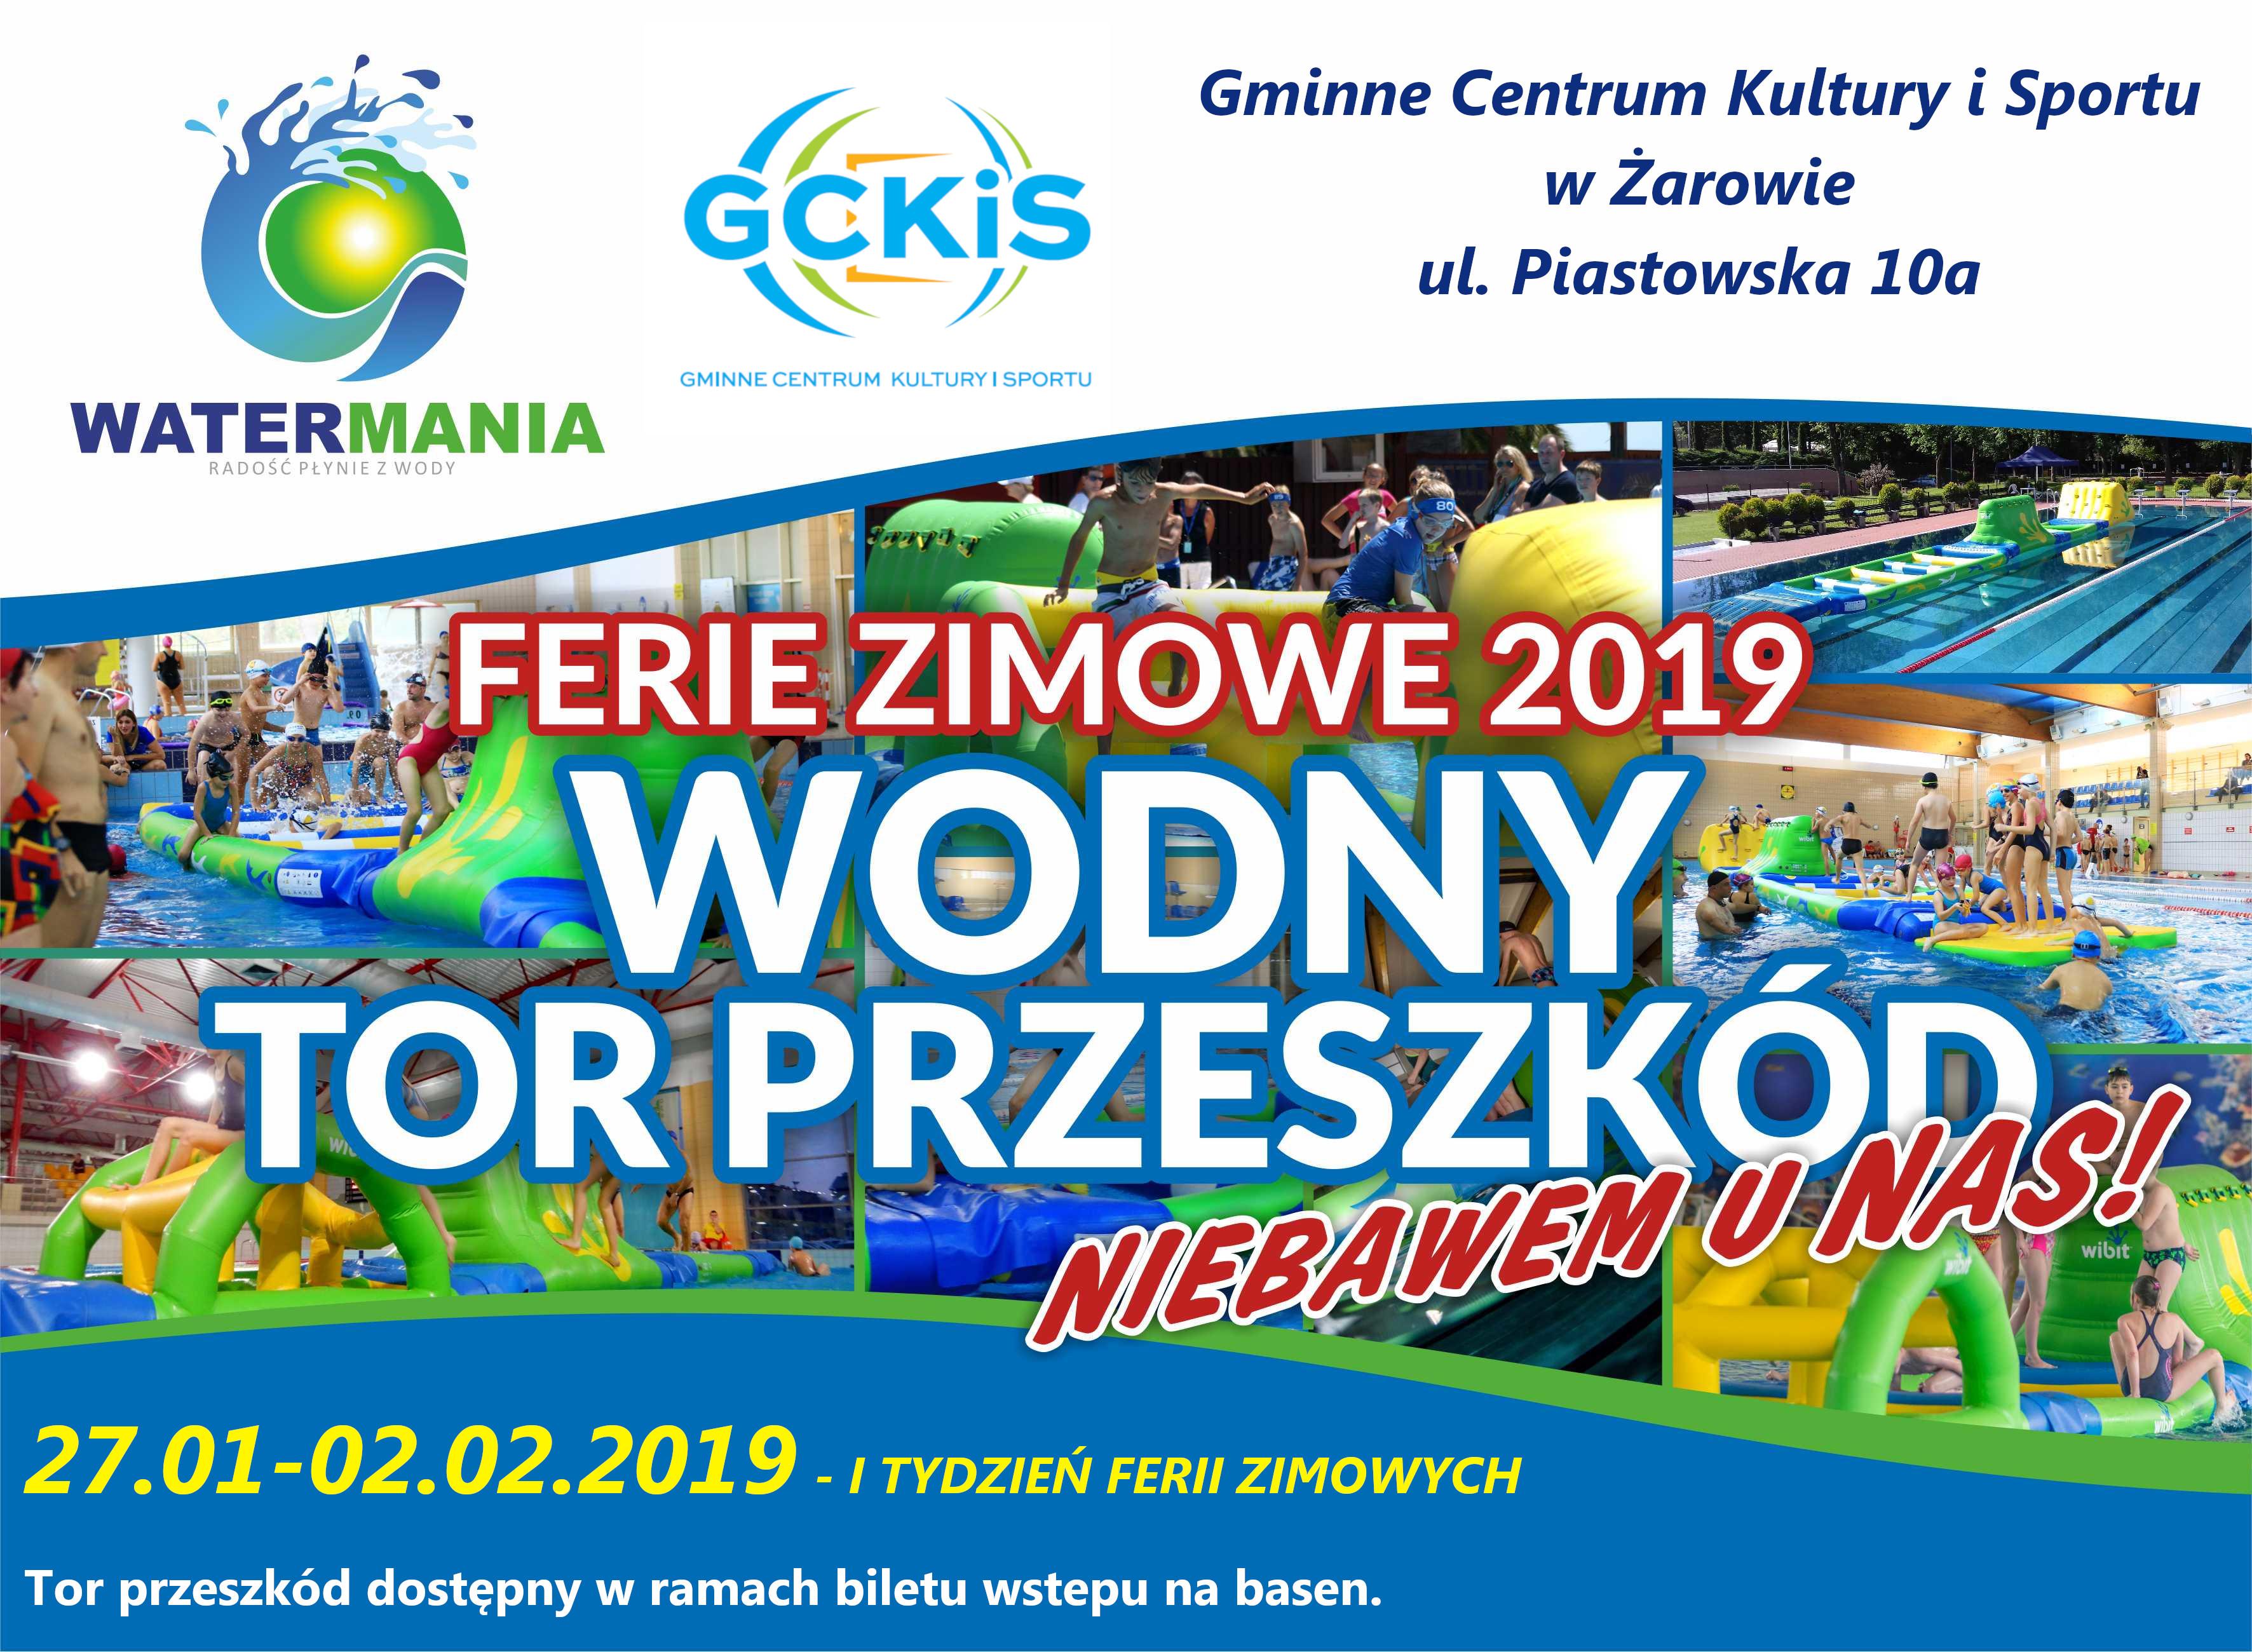 WATERMANIA plakat żarów_ferie2019